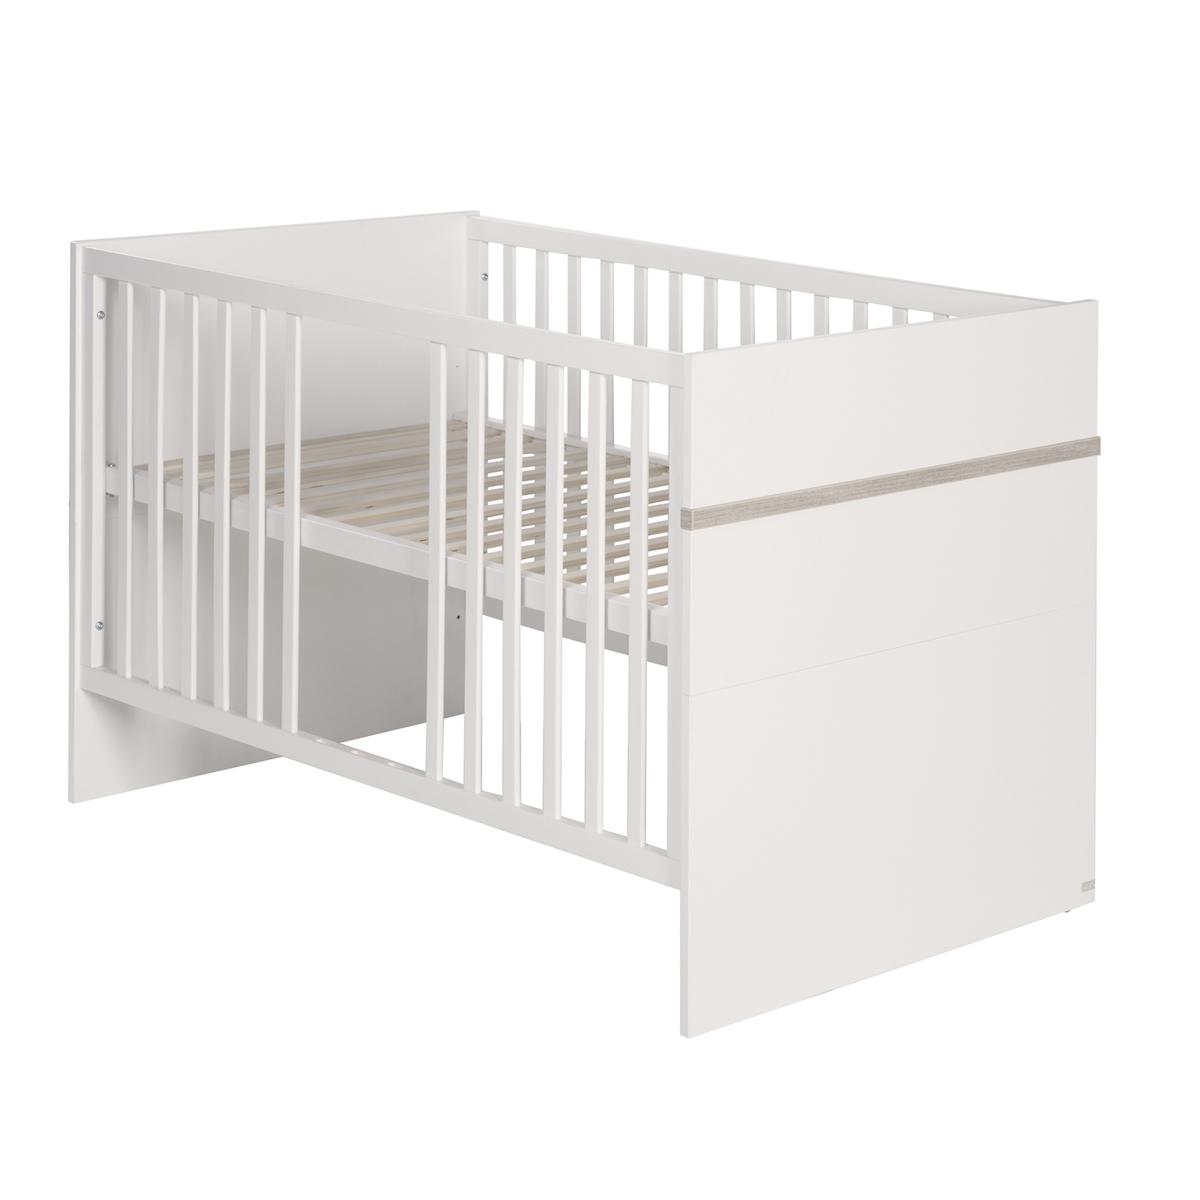 Kinderzimmer Moritz Baby (Bett, Wickelkommode und 3-trg. Schrank ...